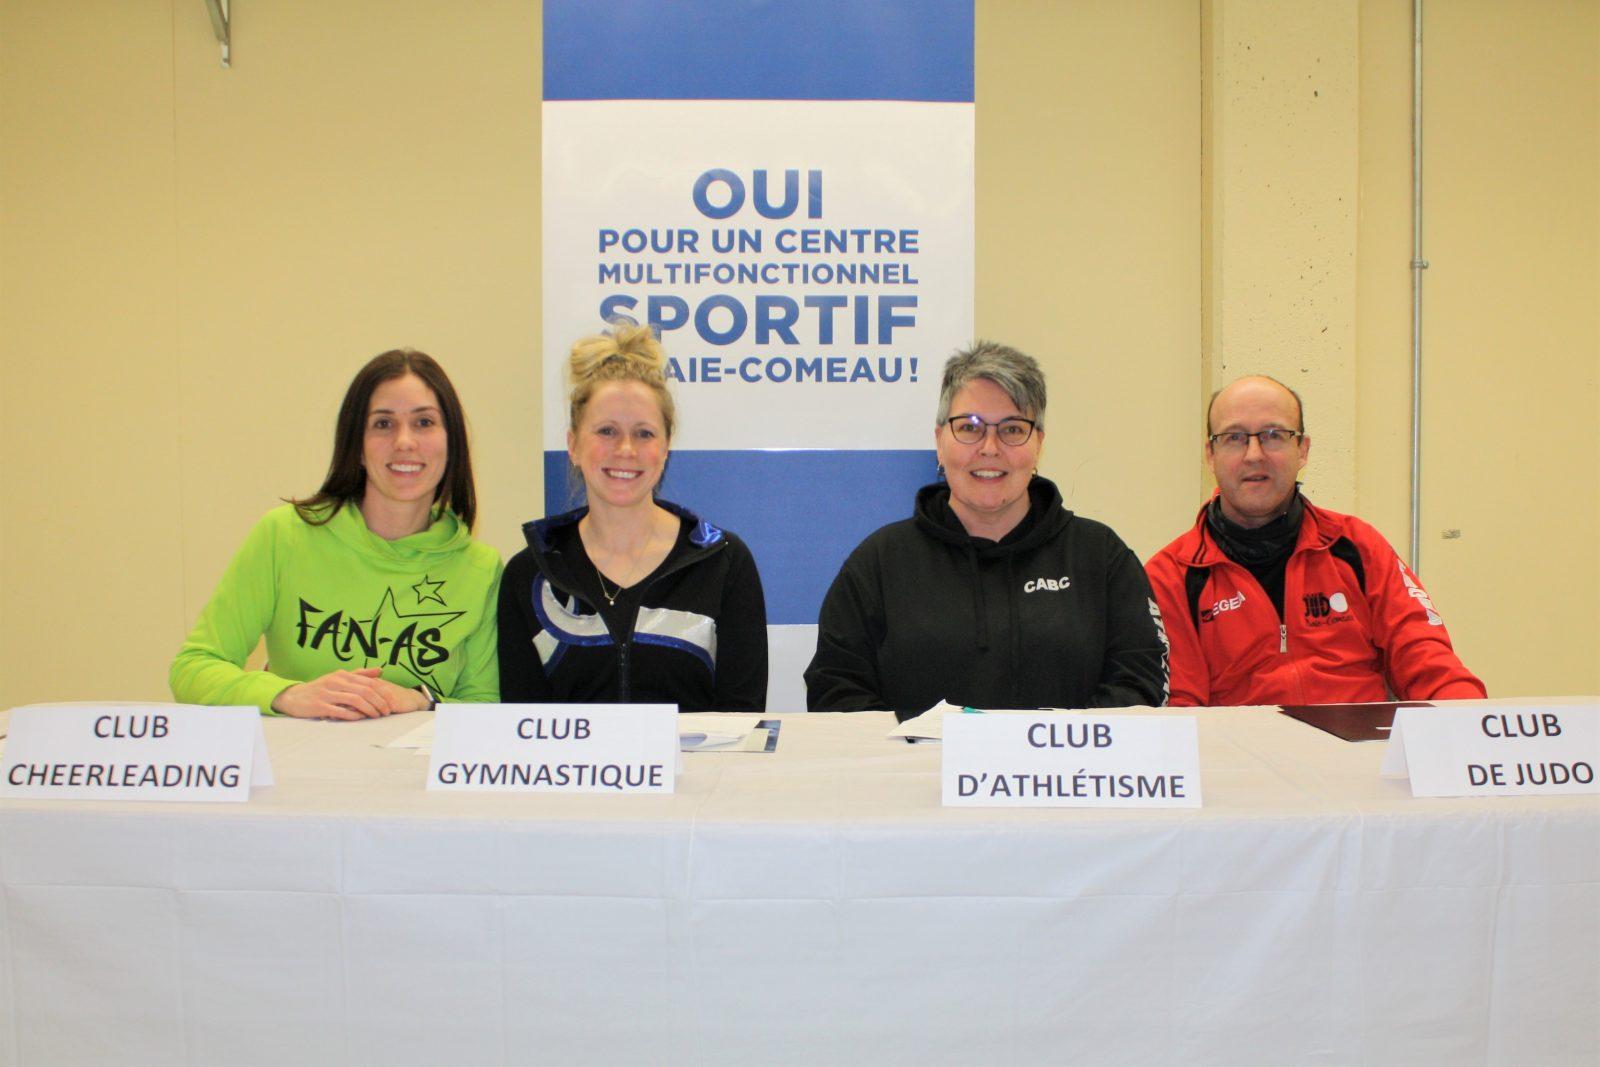 Quatre clubs sportifs présentent un projet de centre multifonctionnel à Baie-Comeau